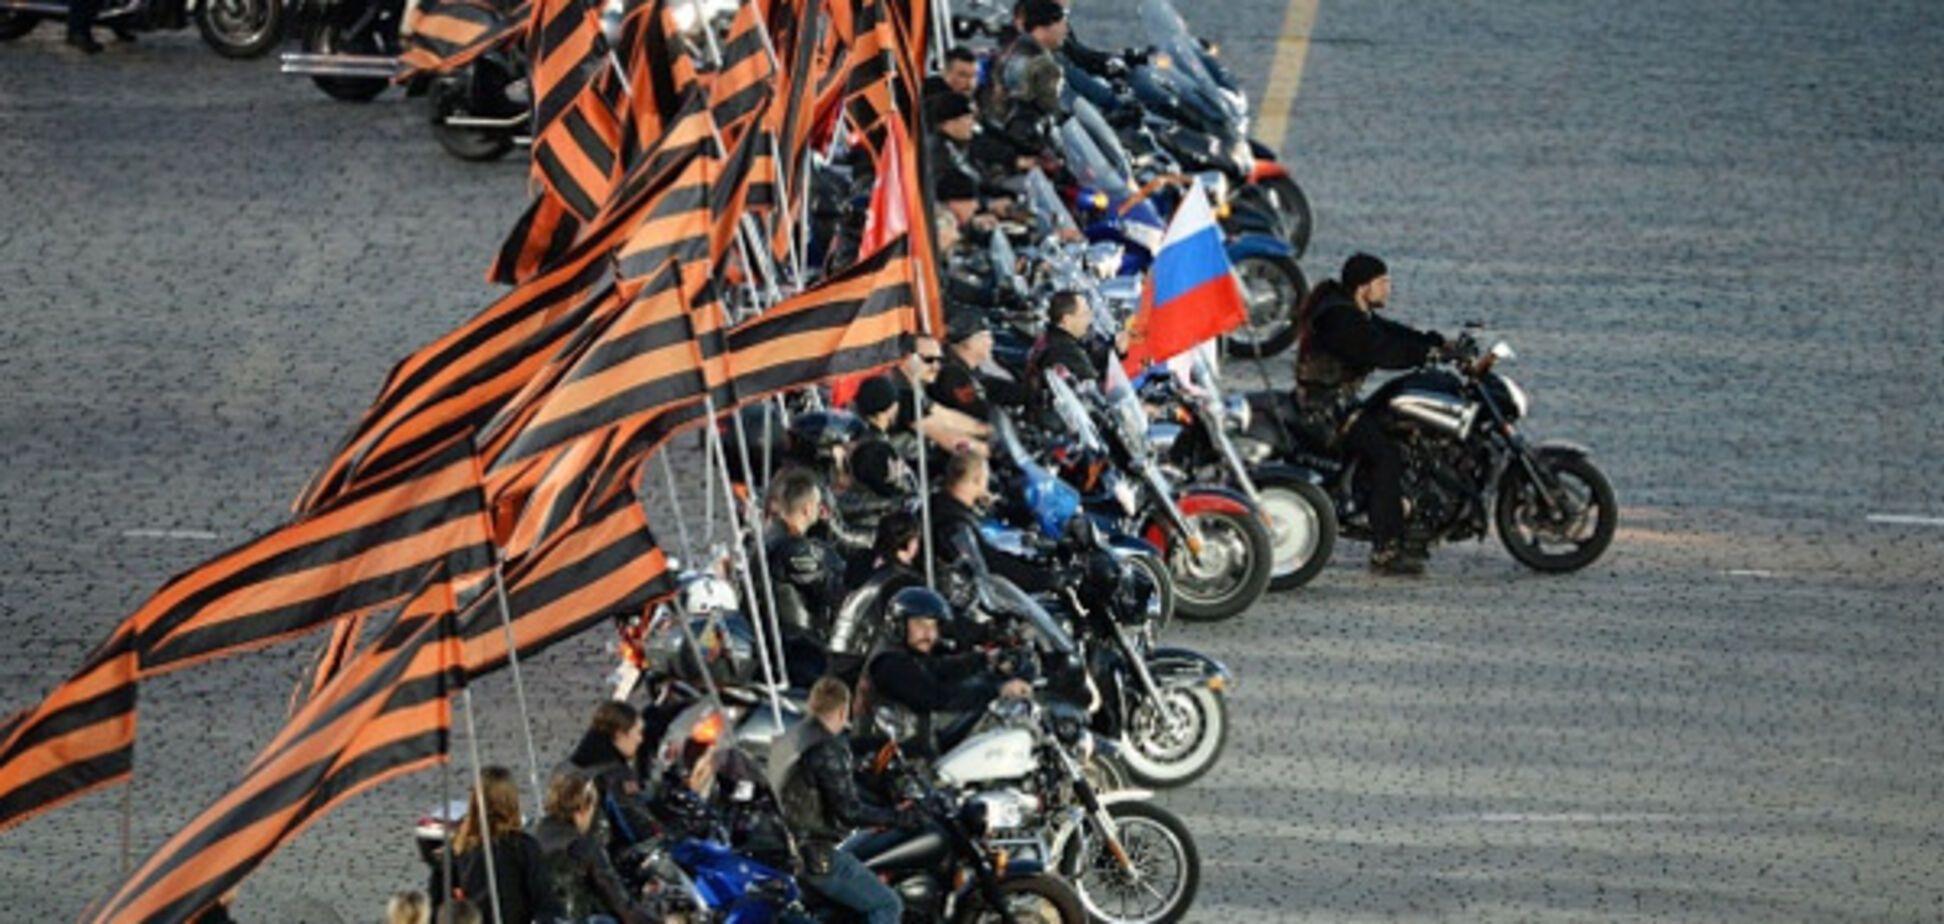 'Ночные олени!' В России жестко опустили путинских байкеров